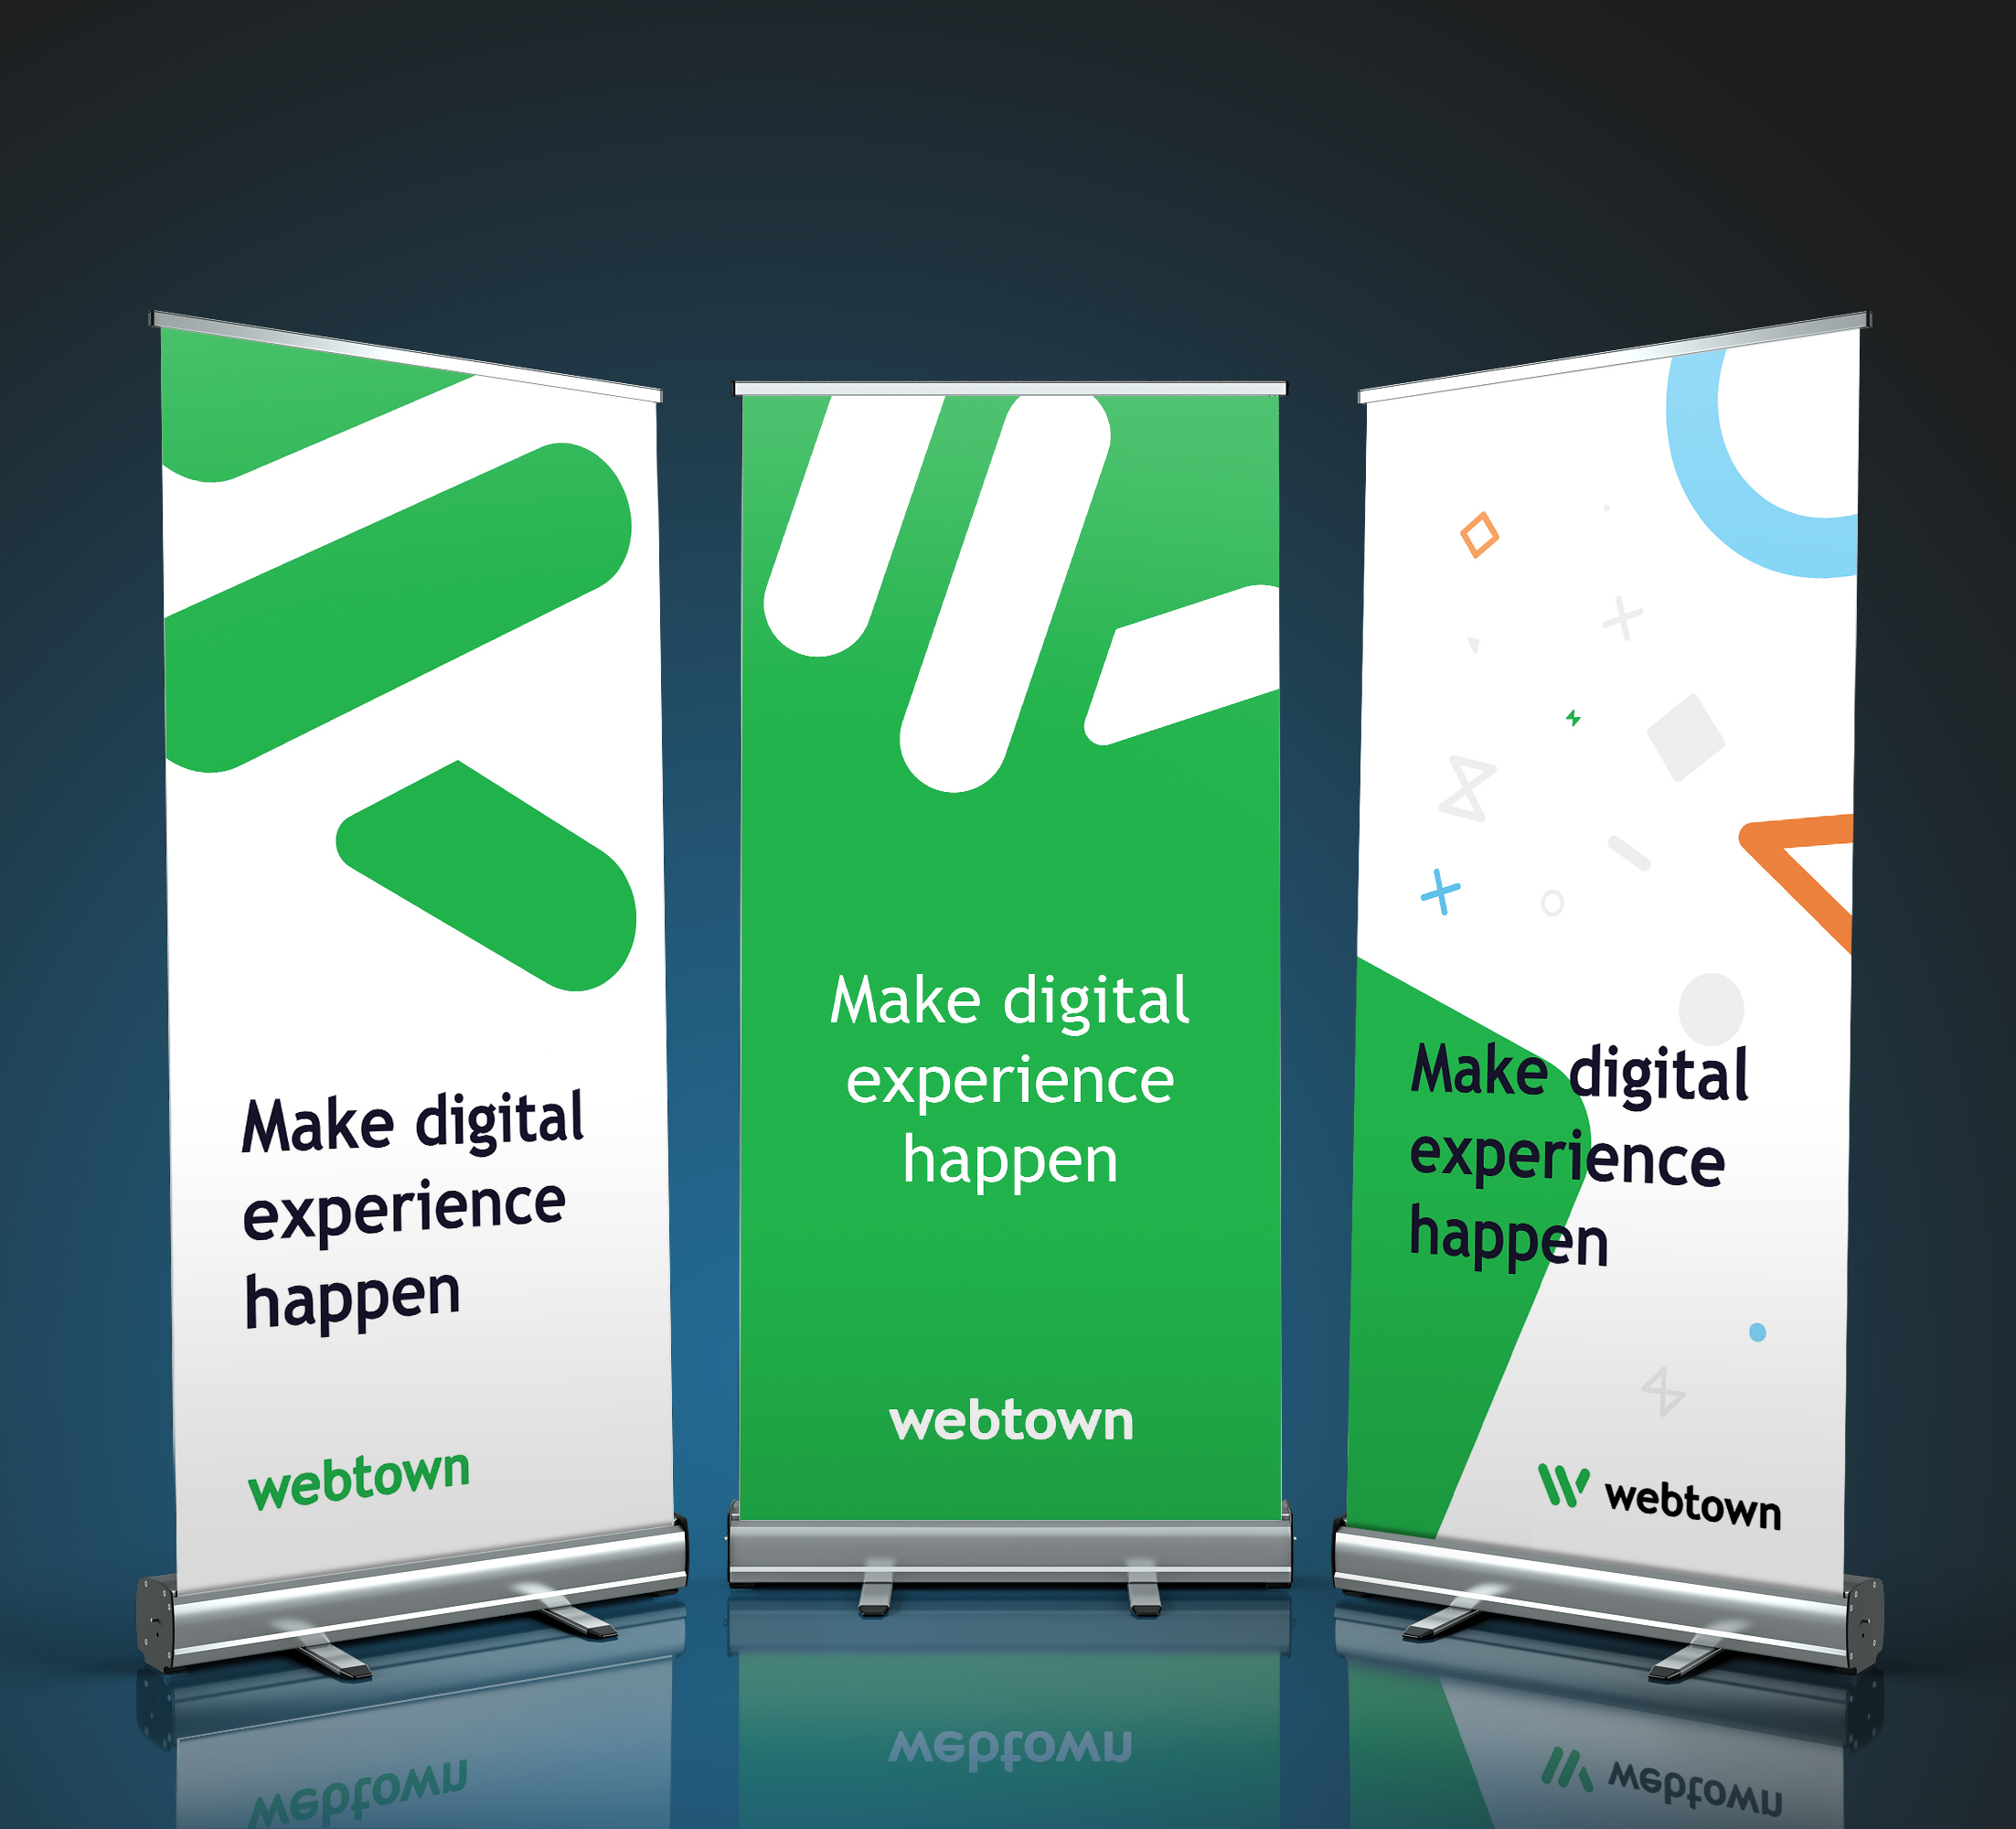 Webtown rebranding